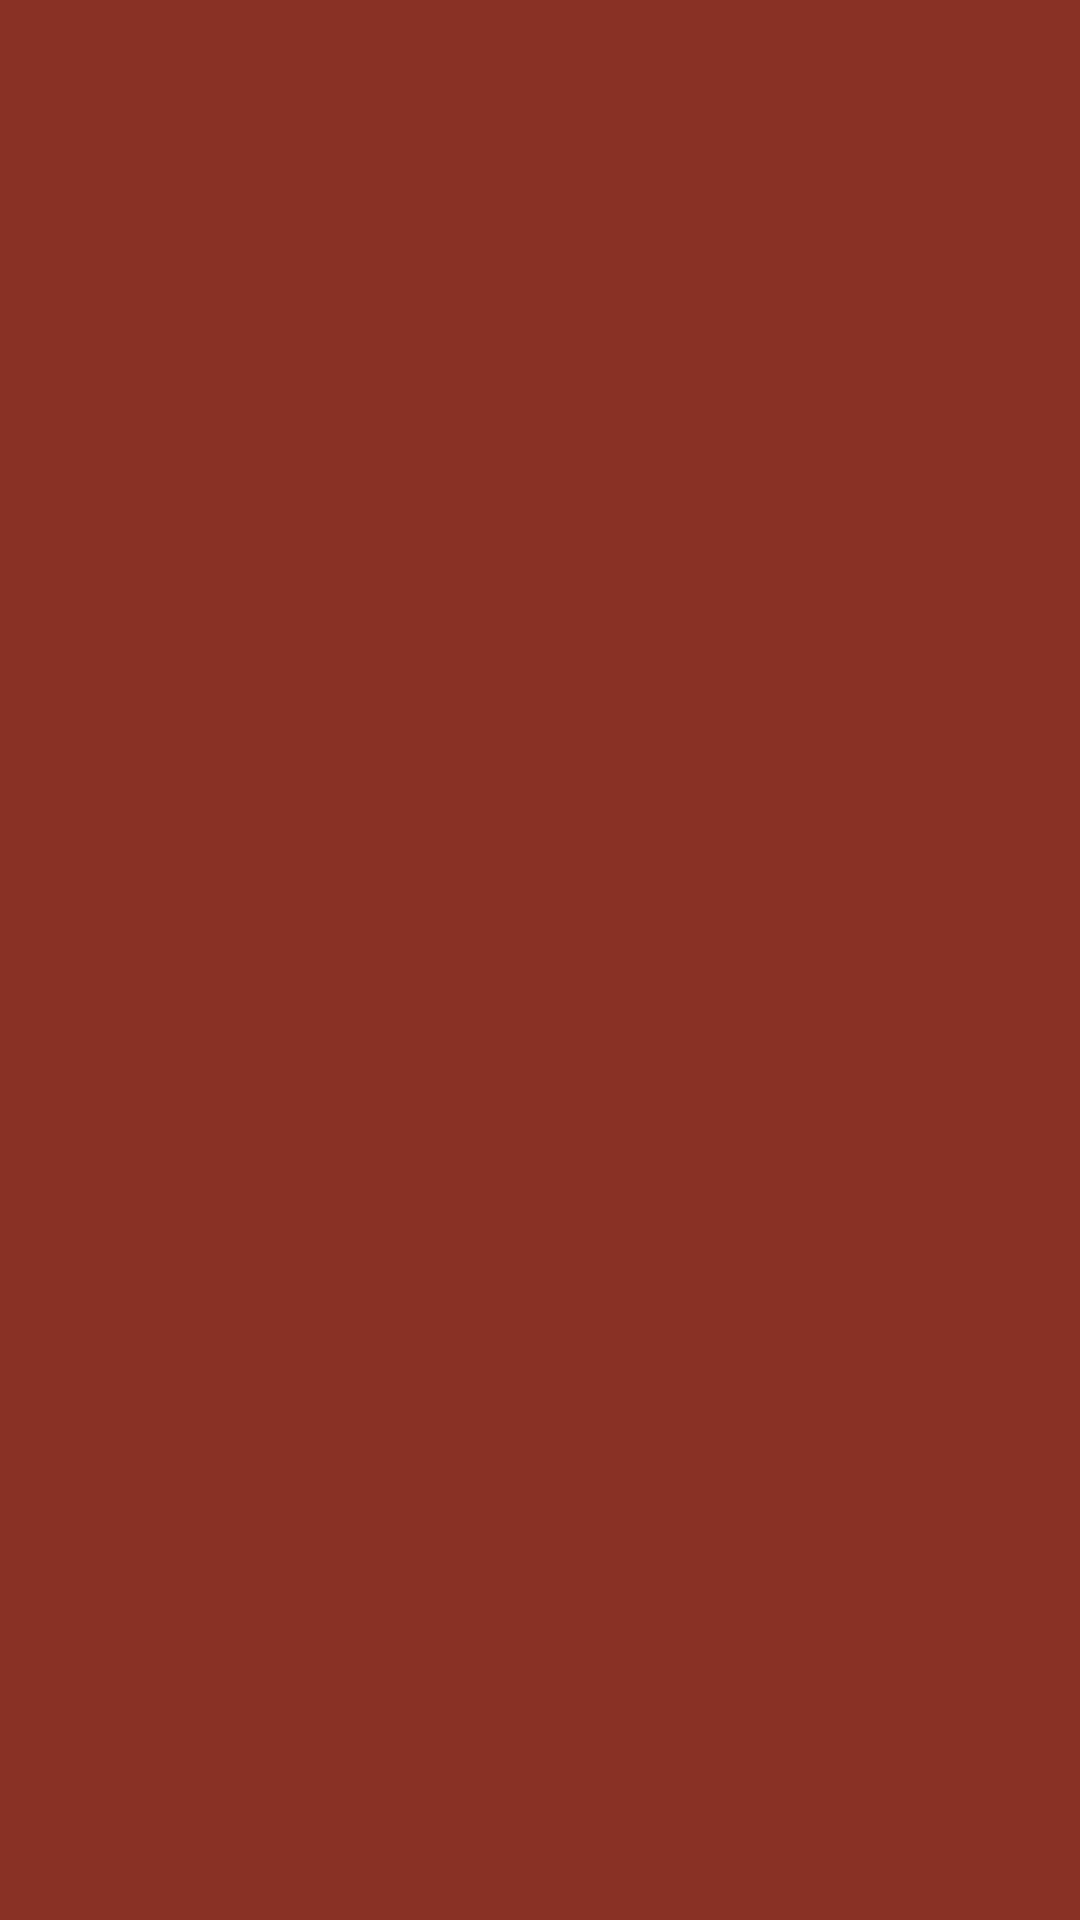 1080x1920 Burnt Umber Solid Color Background